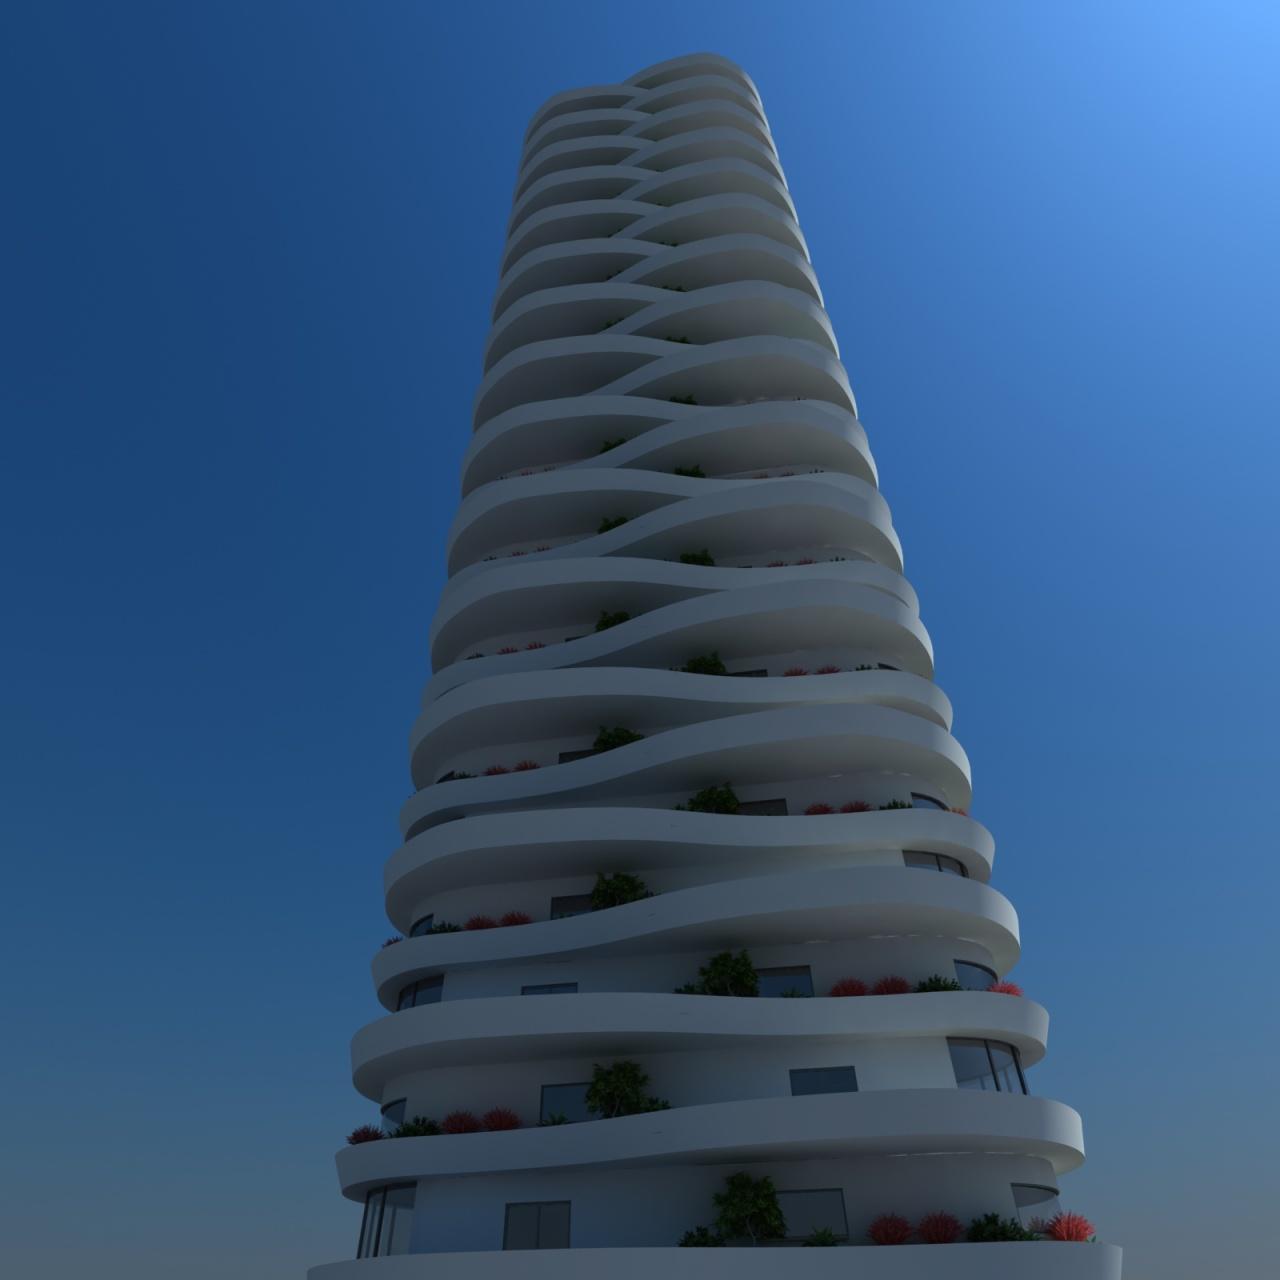 Cartagena Skyscraper